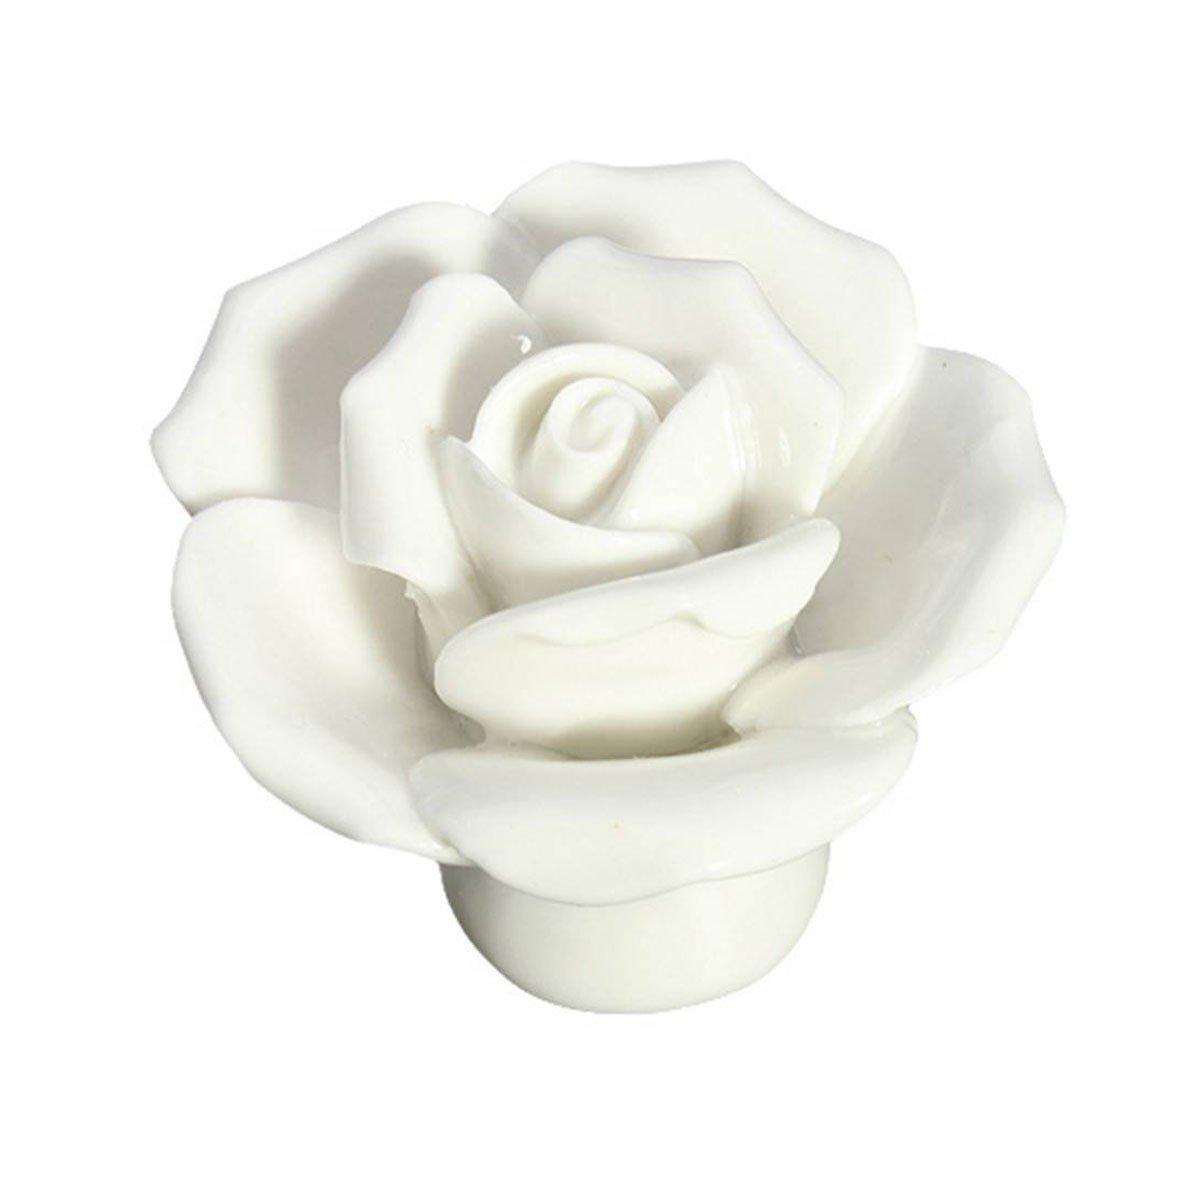 SODIAL(R) 10pz Maniglia di porte ceramiche del fiore della Rosa dell'annata maniglia del cassetto bianco